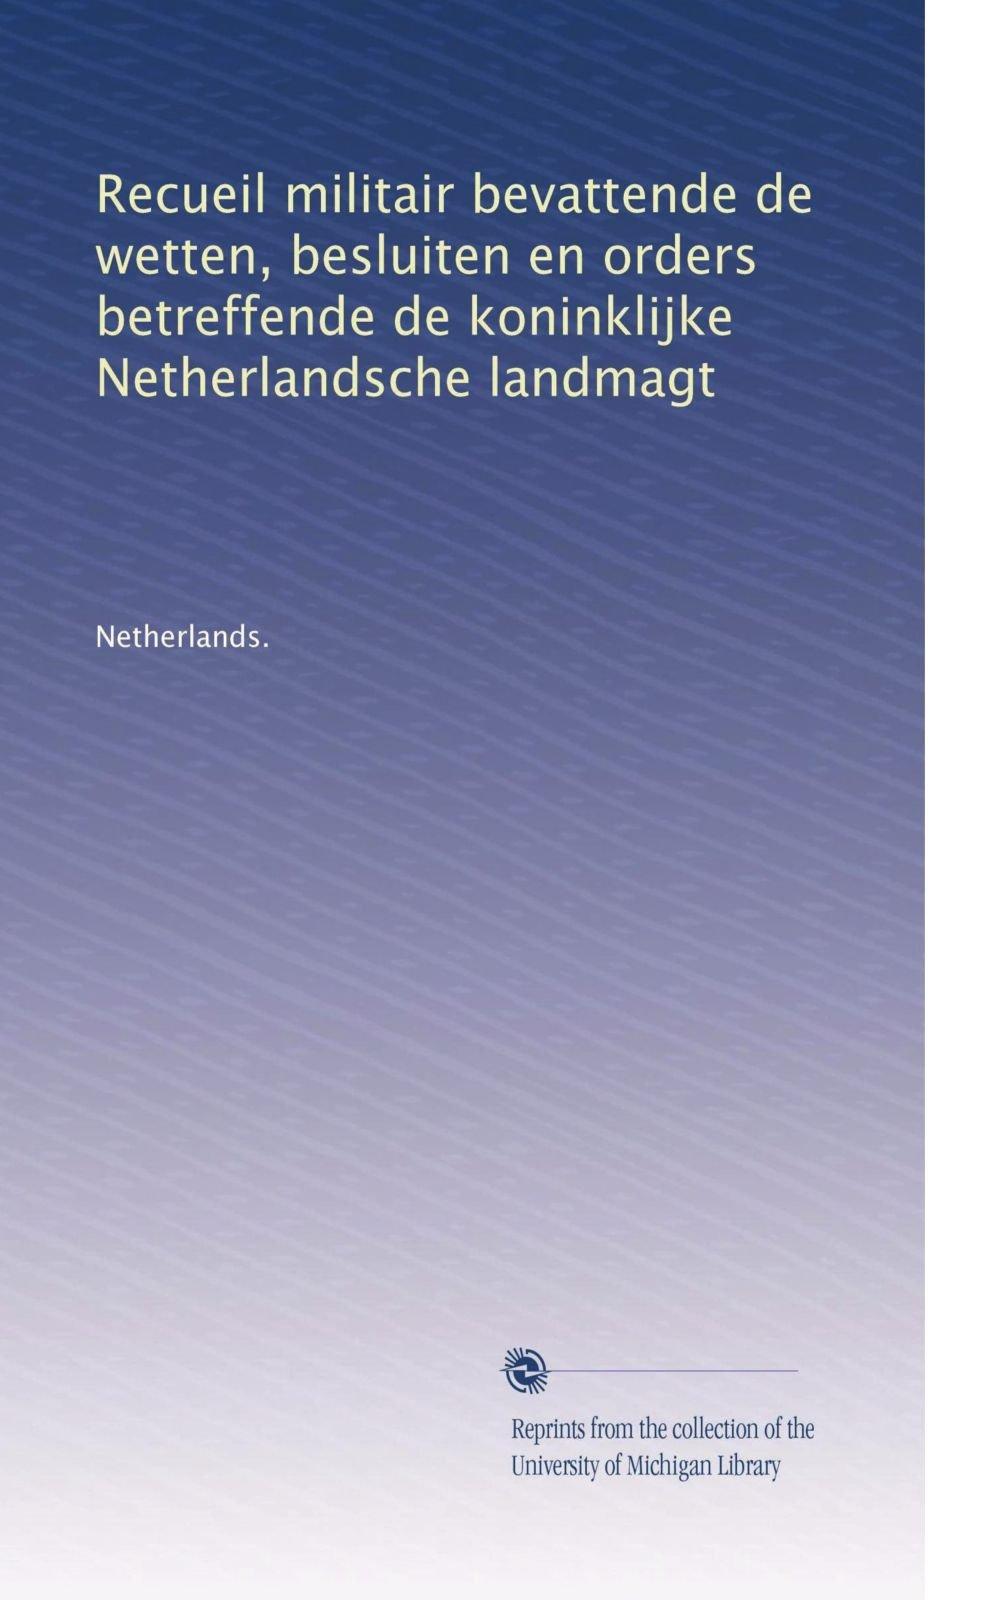 Download Recueil militair bevattende de wetten, besluiten en orders betreffende de koninklijke Netherlandsche landmagt (Volume 33) (Dutch Edition) PDF